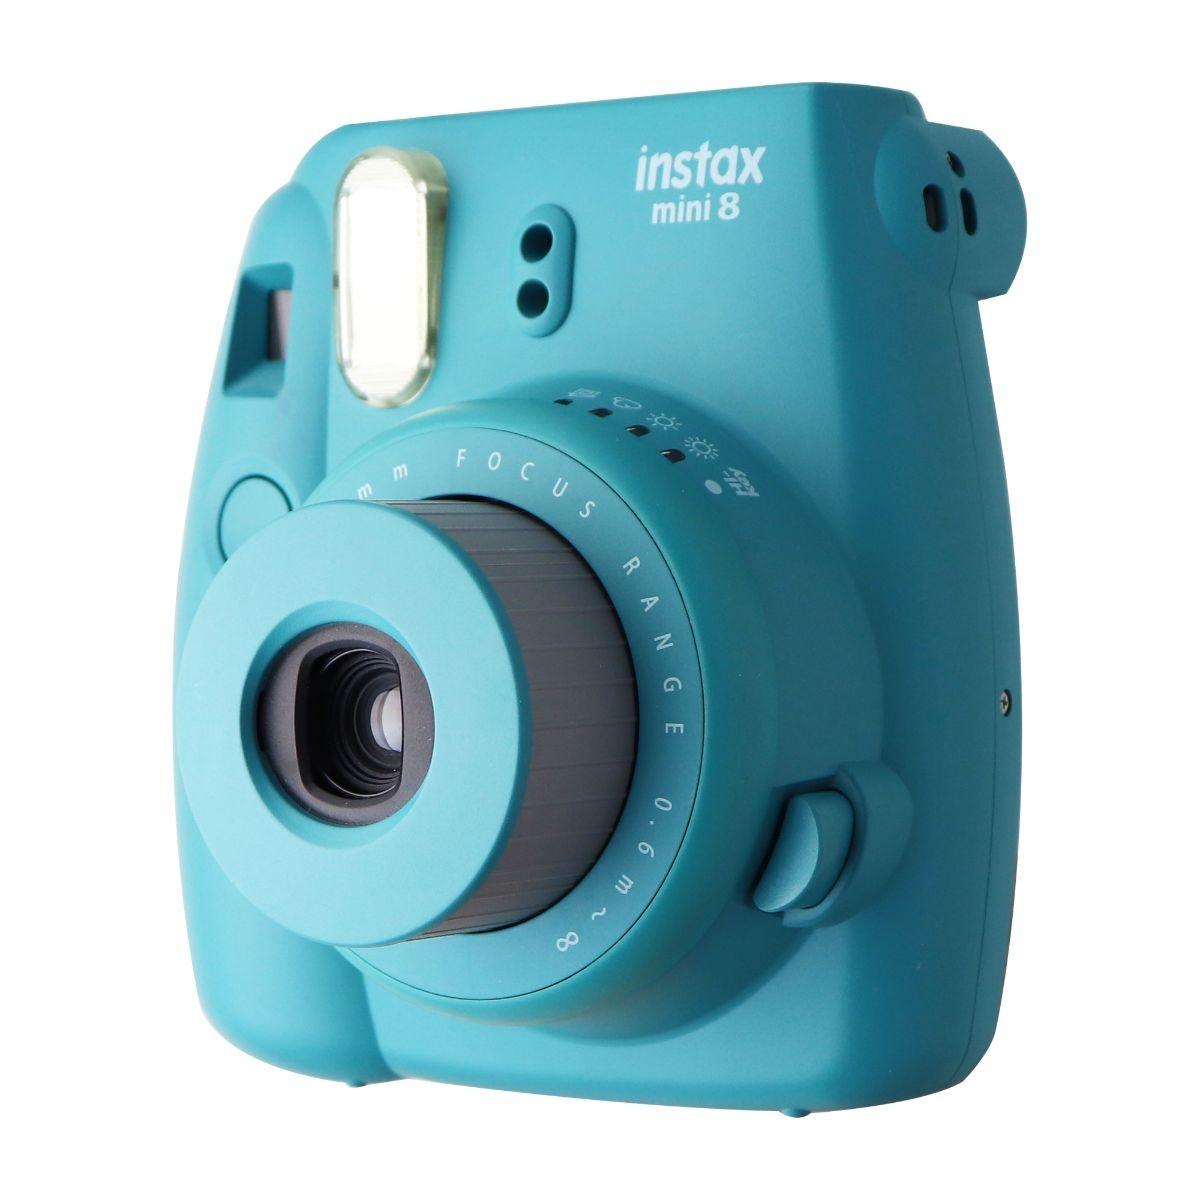 FujiFilm Instax Mini 8 - Instant Film Camera - Mint